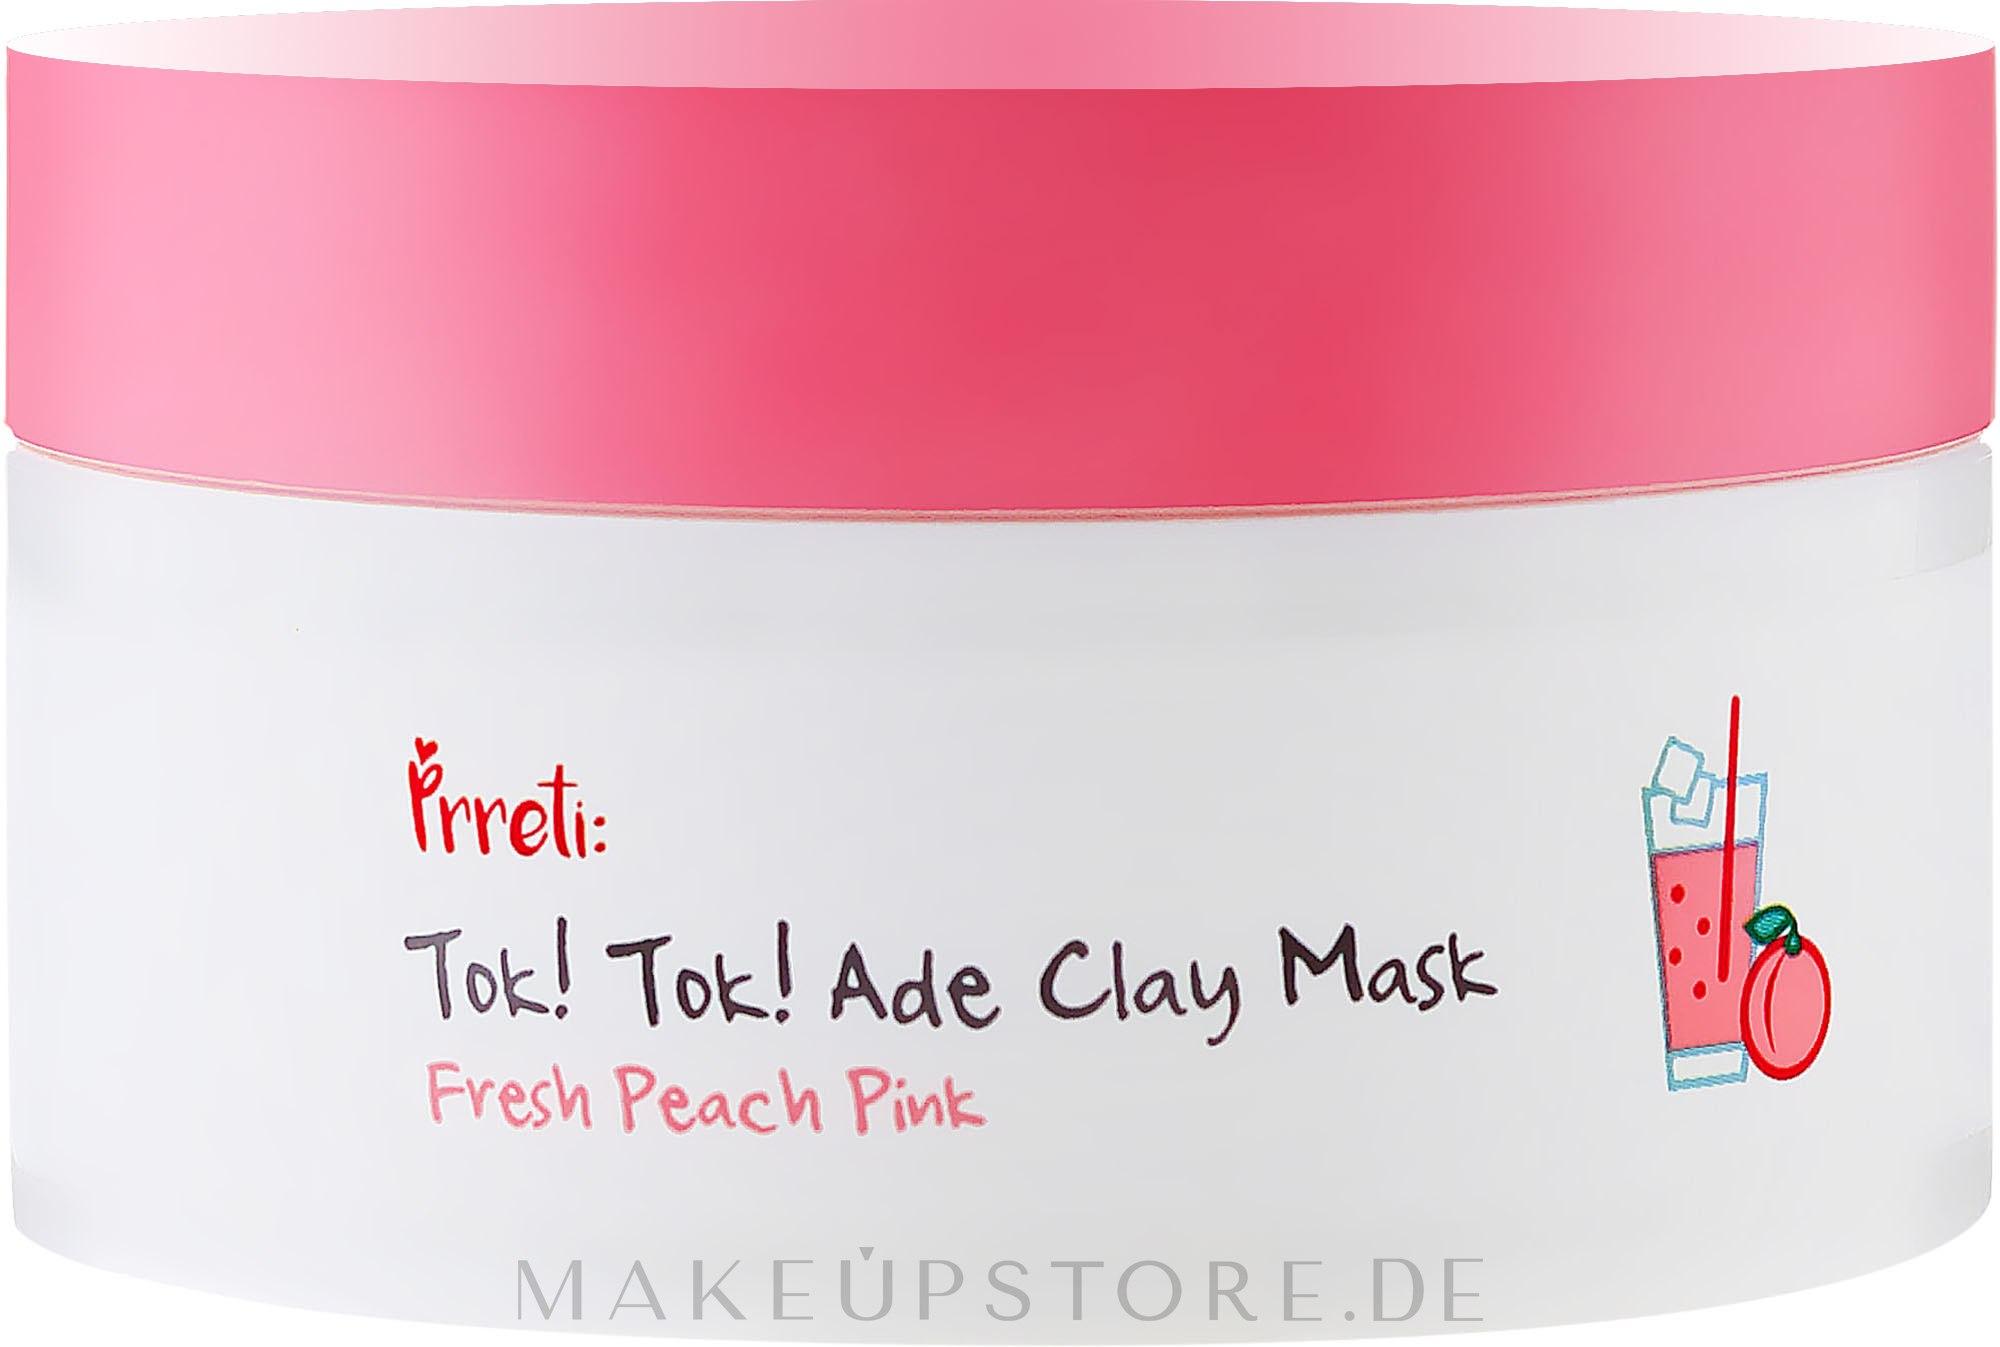 Erfrischende Tonmaske für Gesicht mit Pfirsichextrakt - Prreti Tok!Tok! Ade Clay Mask Fresh Peach Pink — Bild 105 g